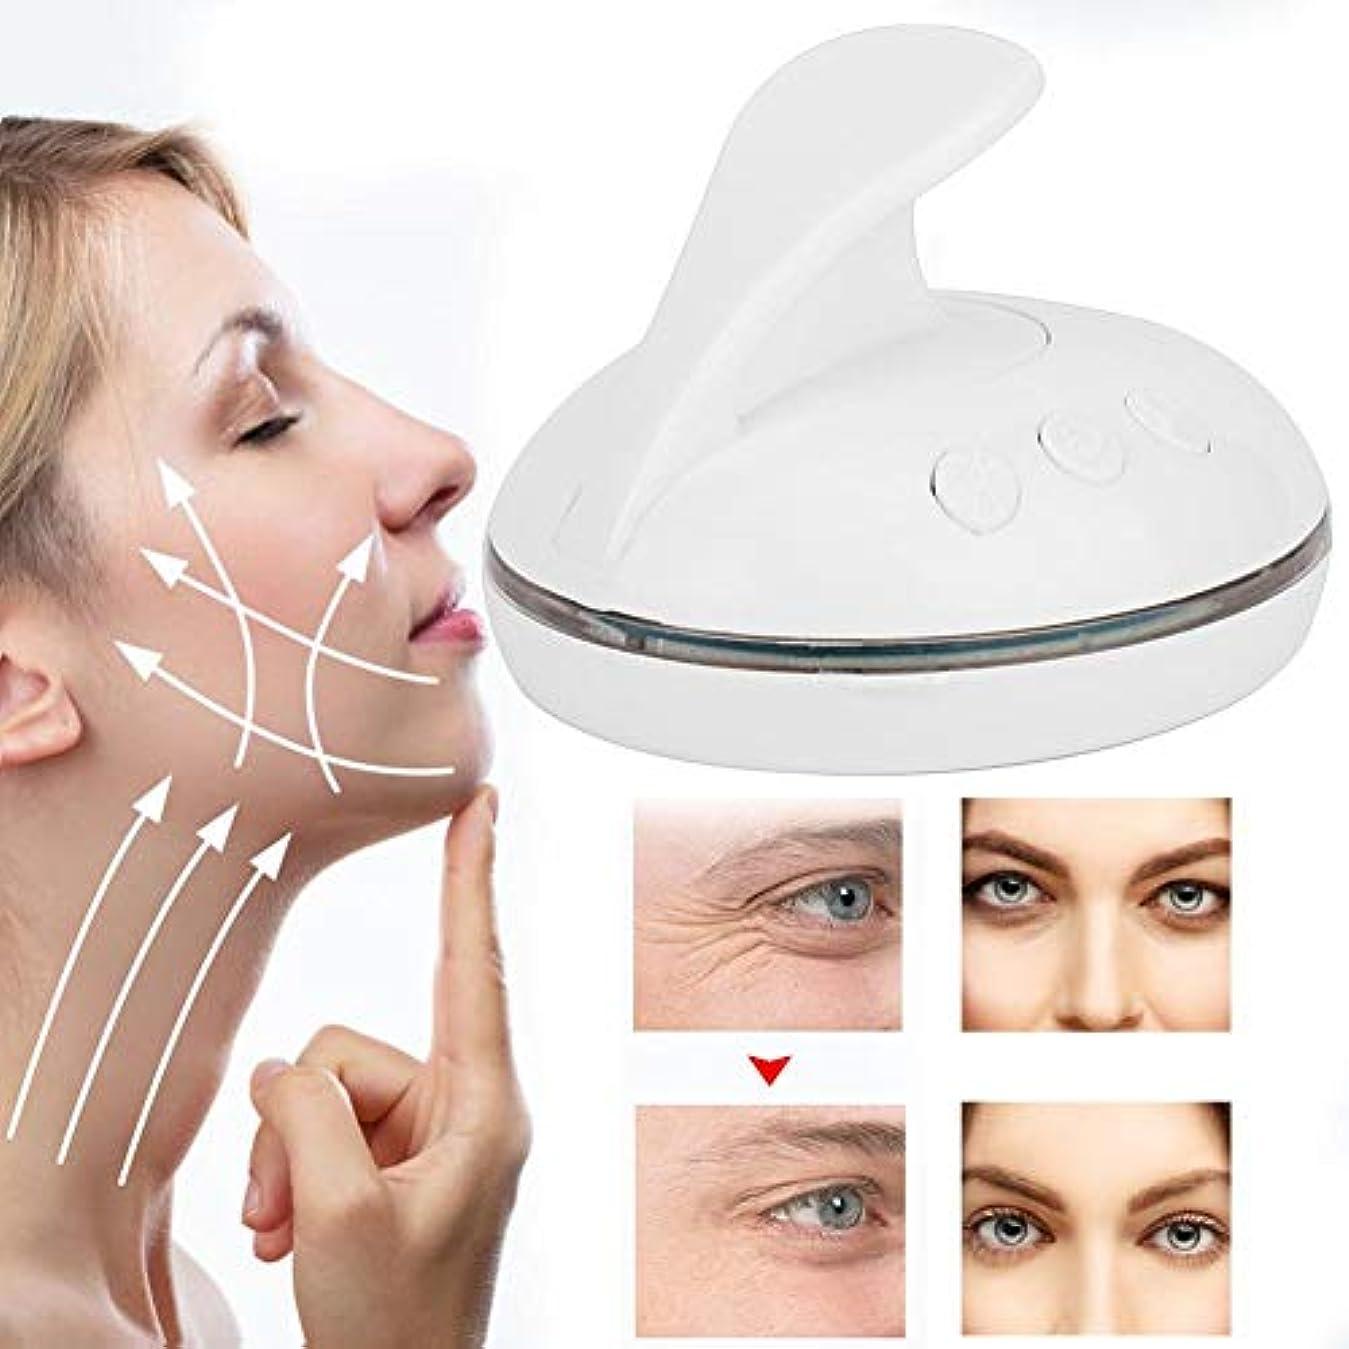 溶けた報復プラグLEDの顔のスキンケア機械、3色の軽い若返りの器械の改装の反老化の表面スキンケアのマッサージャーは顔の反しわをきつく締めます